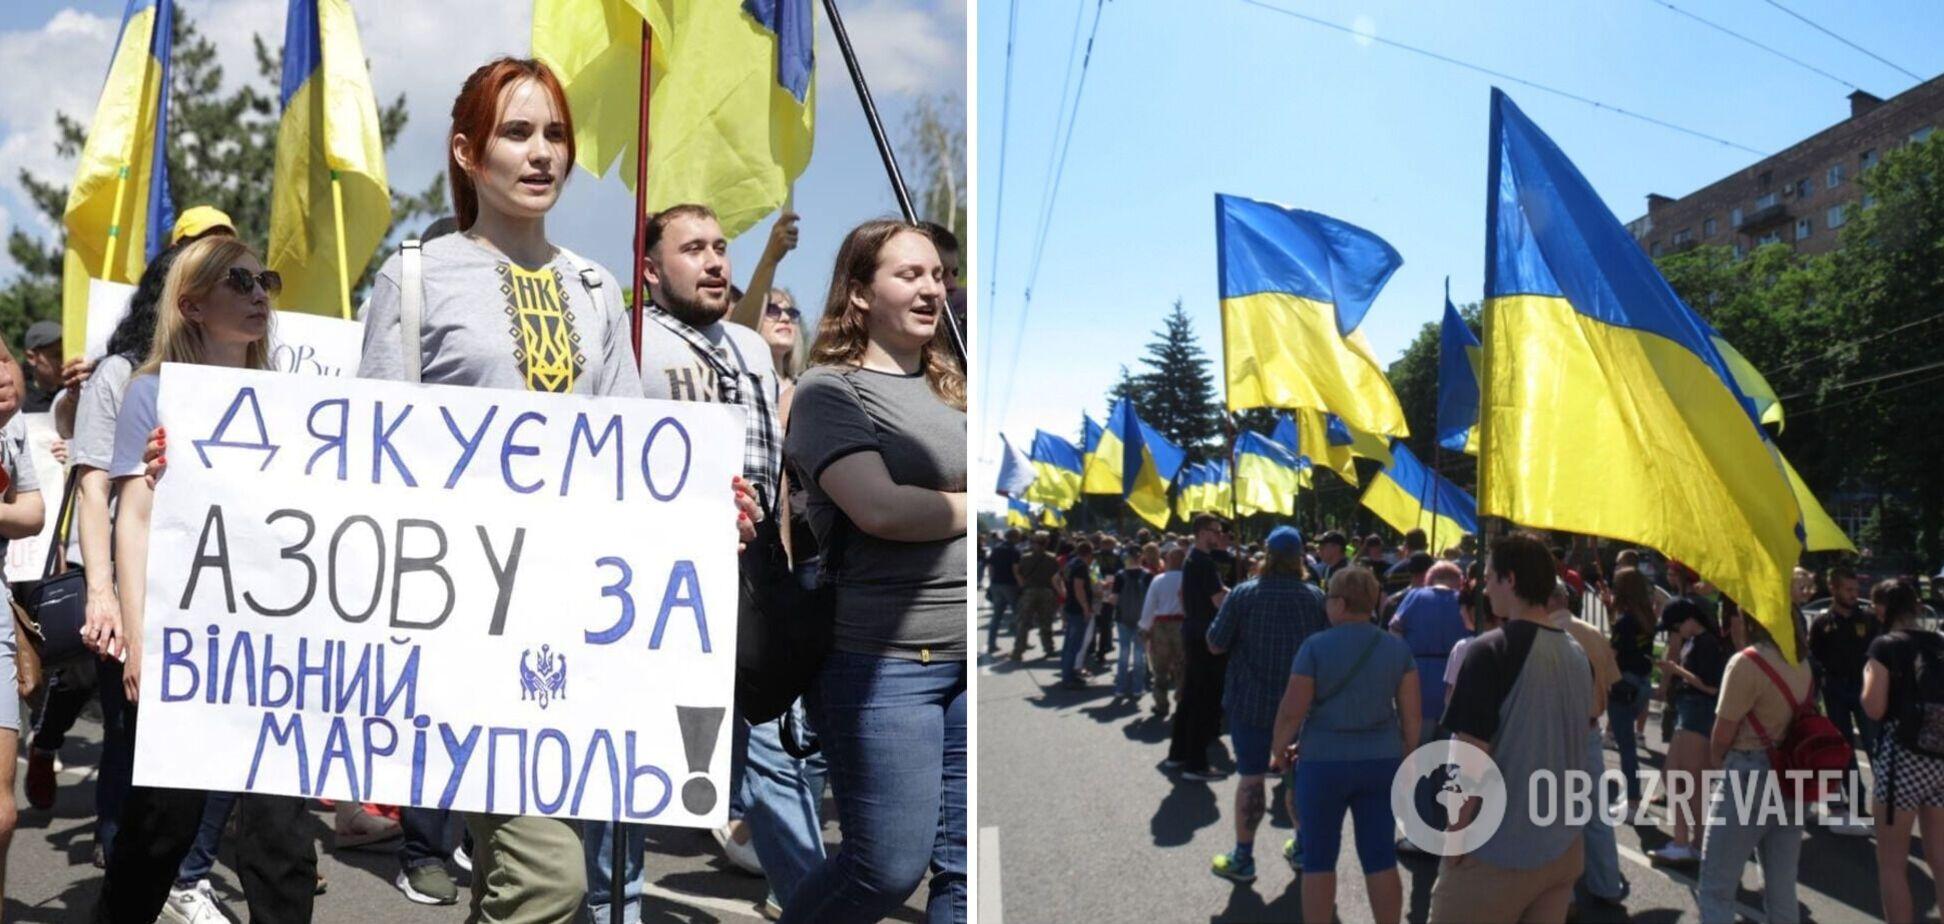 У Маріуполі яскраво відзначили річницю визволення міста від 'ДНР'. Фото